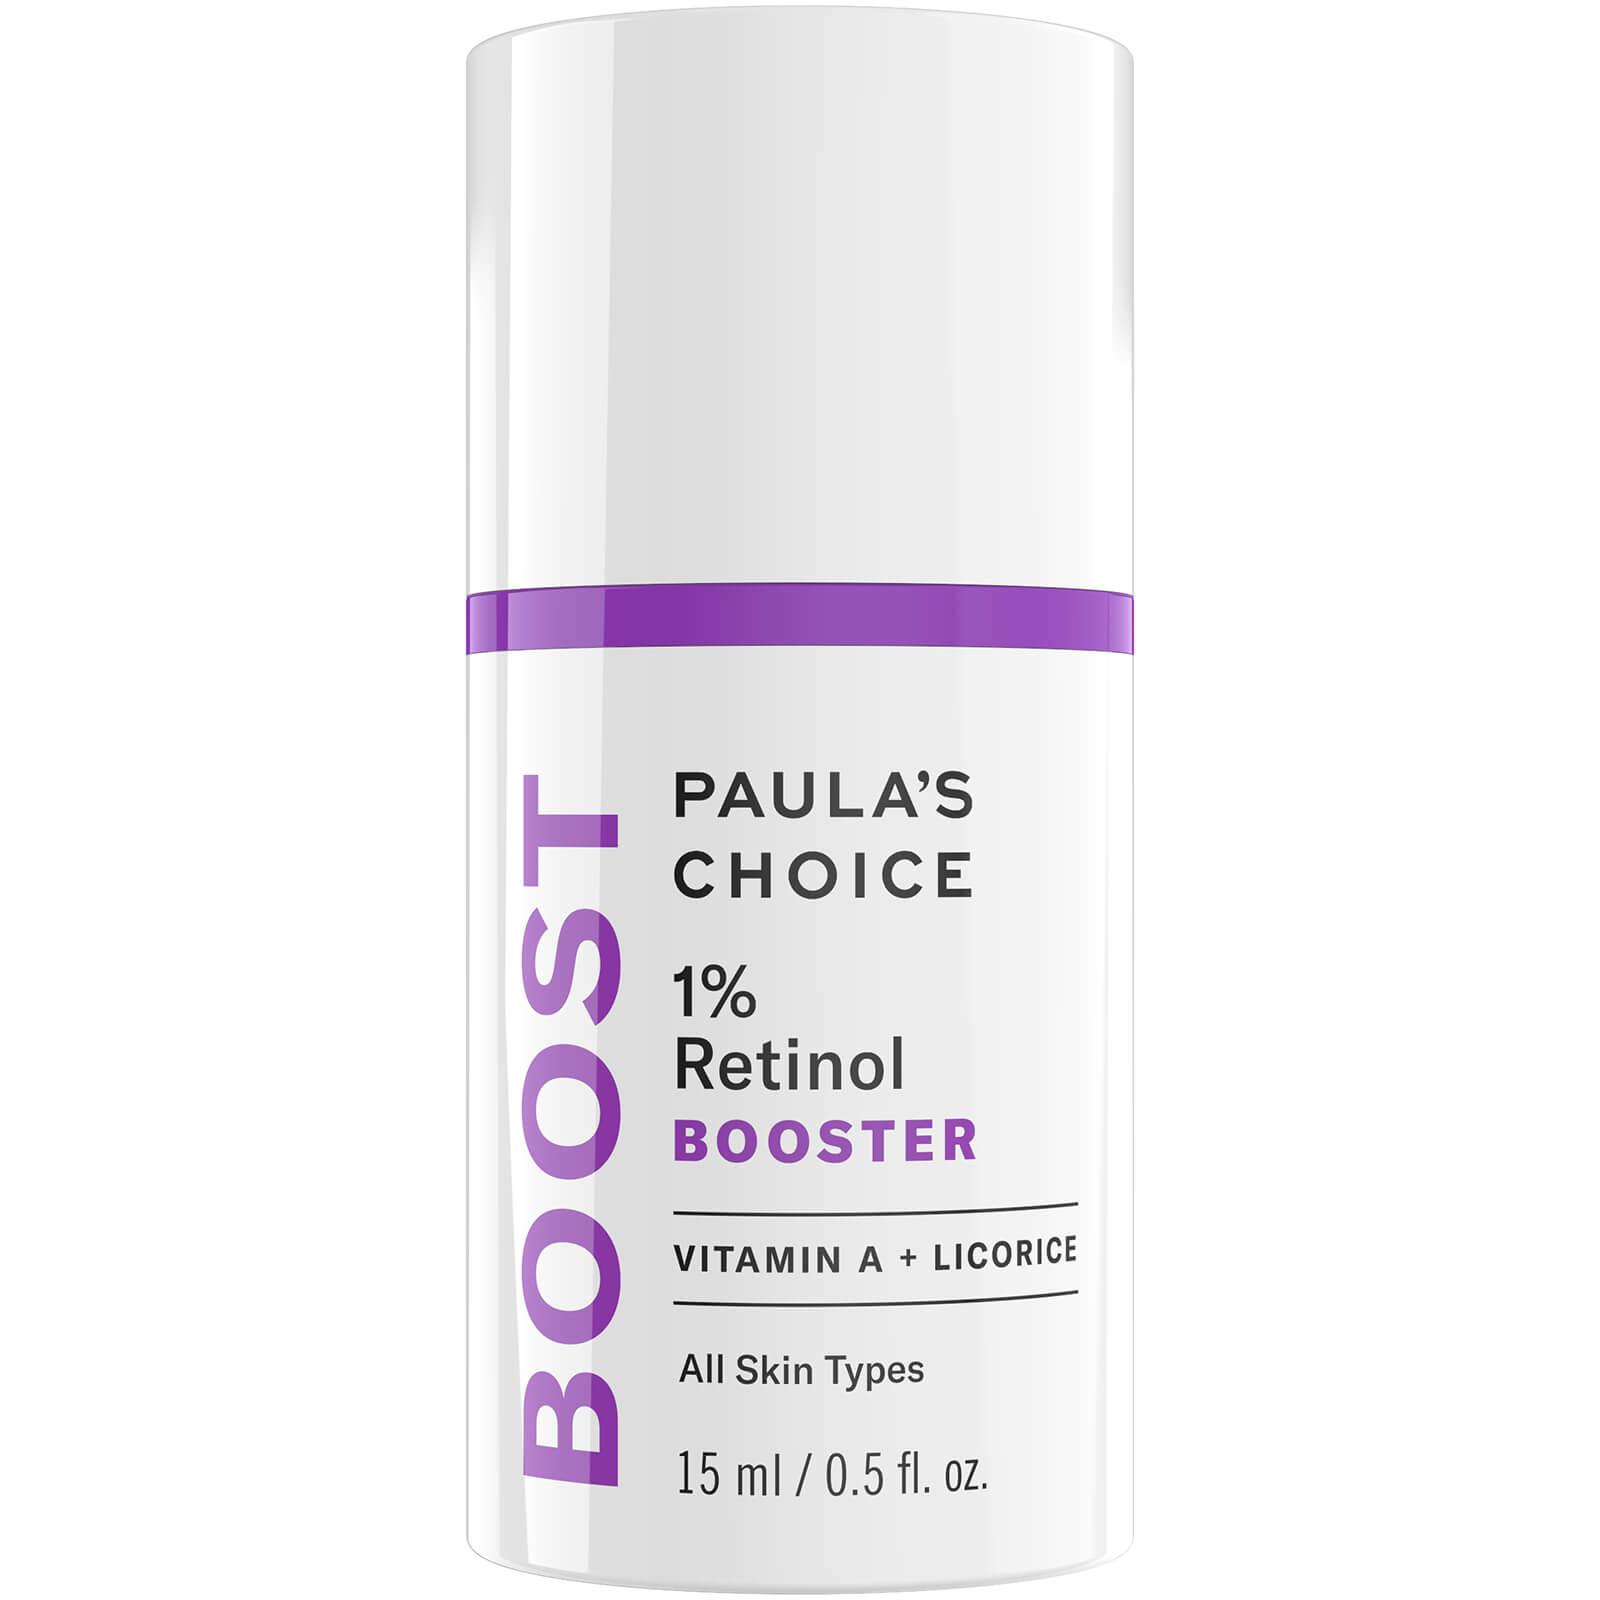 Afbeeldingsresultaat voor Retinol booster Paula's Choice